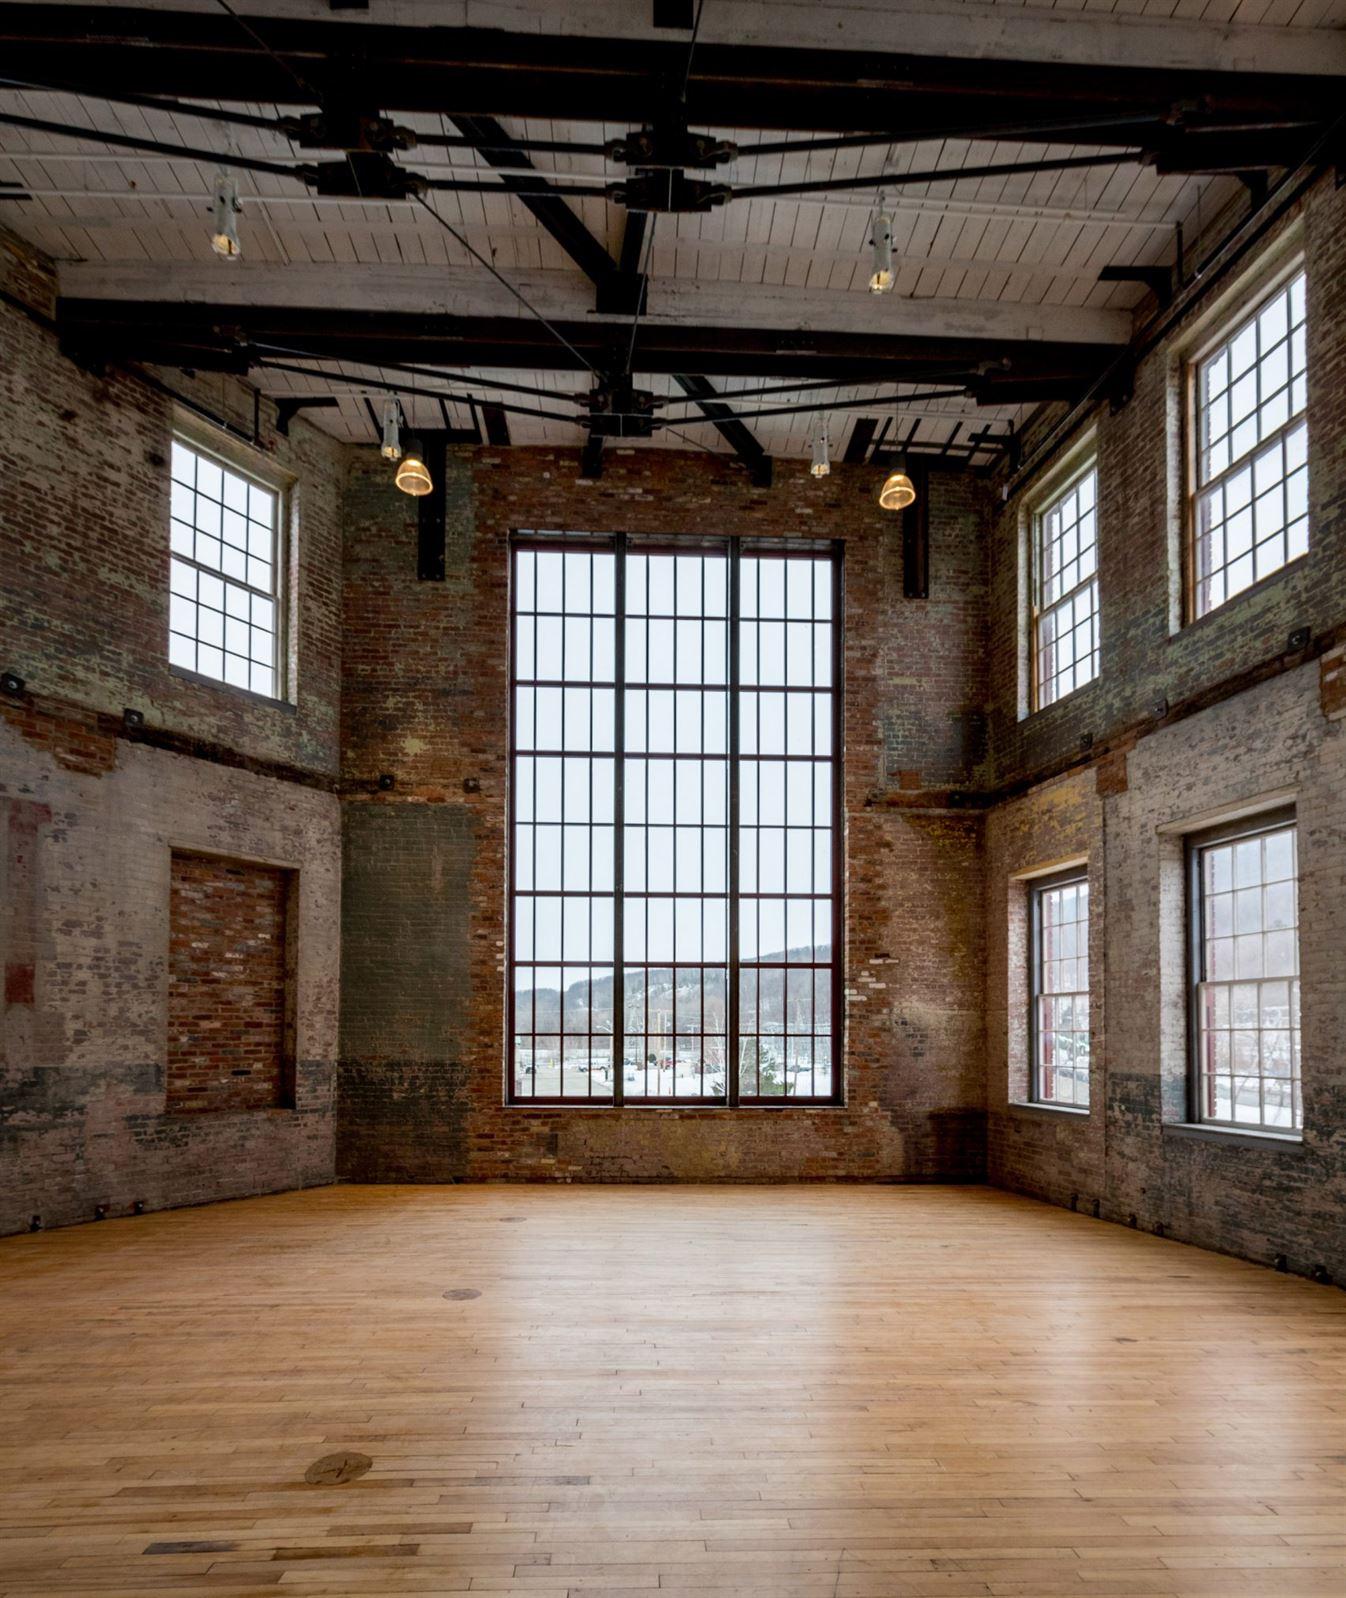 bruner-cott-mass-moca-massachusetts-museum-of-contemporary-art-museum-textile-factory-berkshires-expansion-renovation_dezeen_7-1704